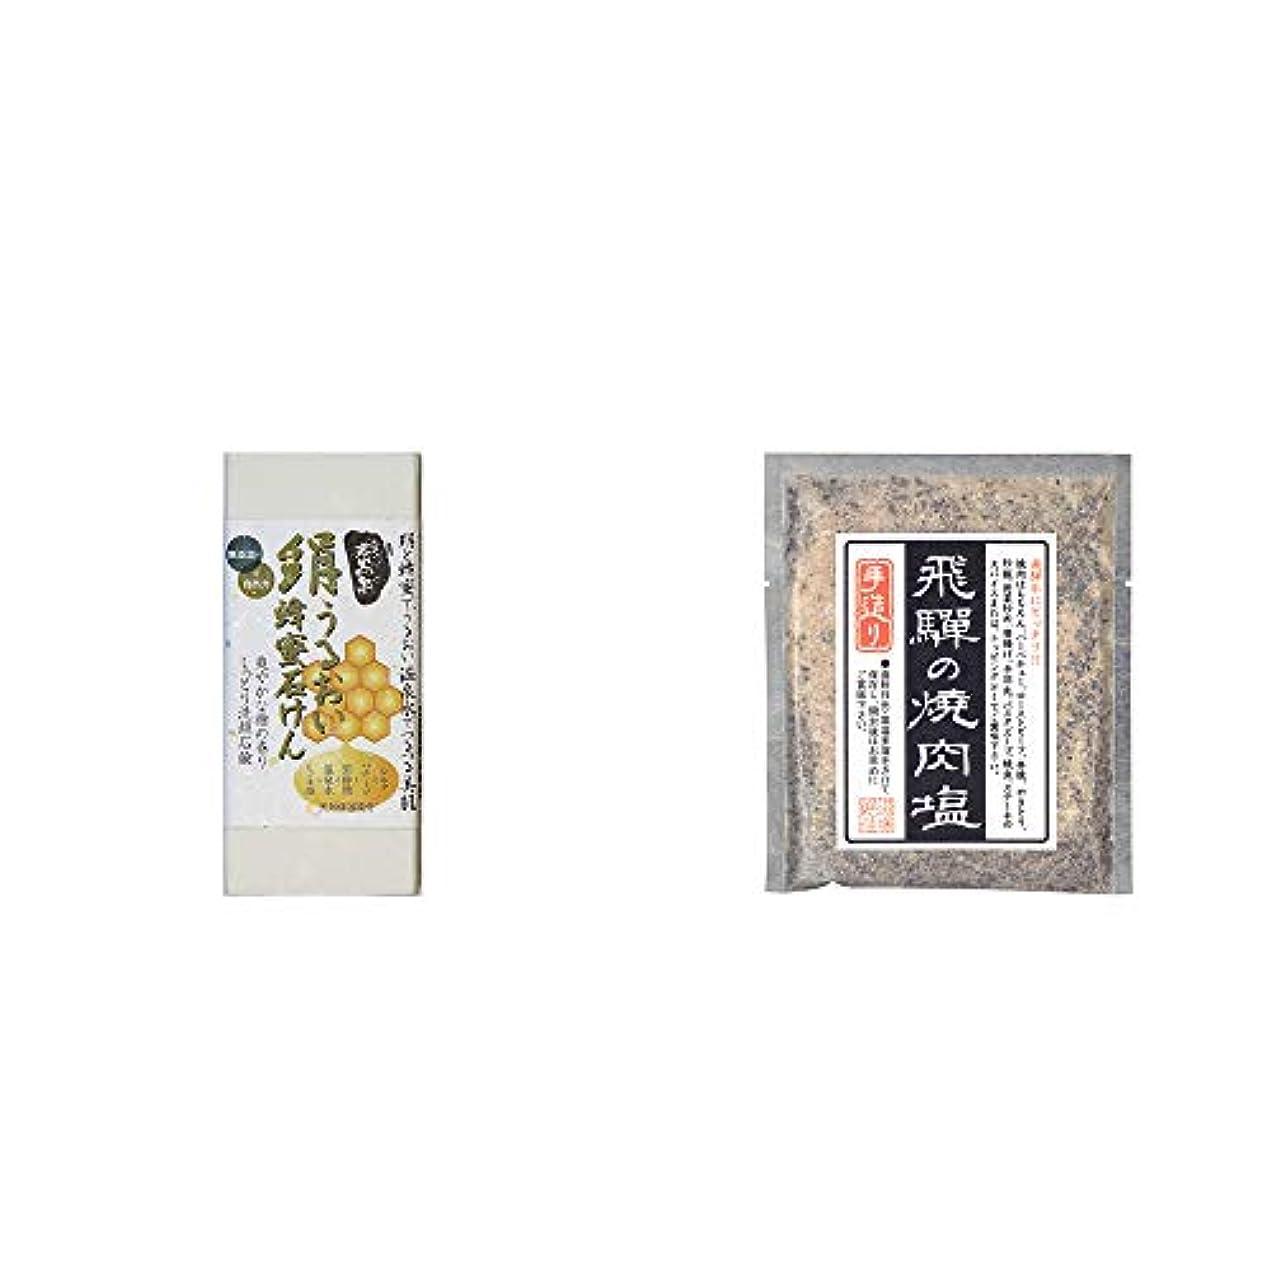 潜む軽蔑信頼[2点セット] ひのき炭黒泉 絹うるおい蜂蜜石けん(75g×2)?手造り 飛騨の焼肉塩(80g)